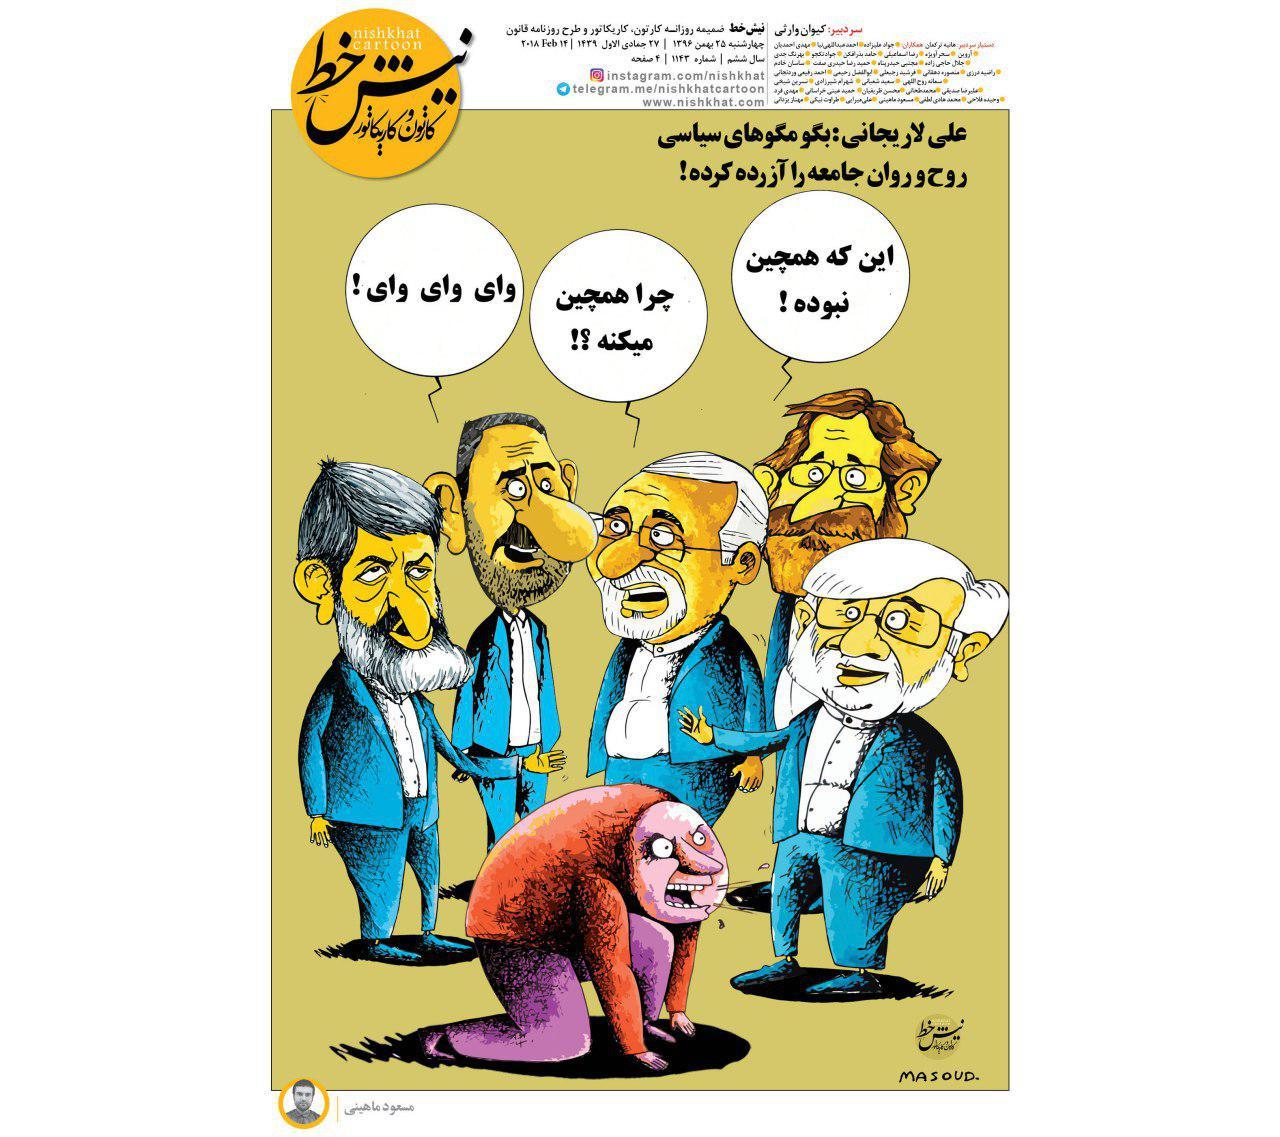 نیشخط کارتون/علی لاریجانی : بگو مگوهای سیاسی روح و روان جامعه را آزرده کرده !